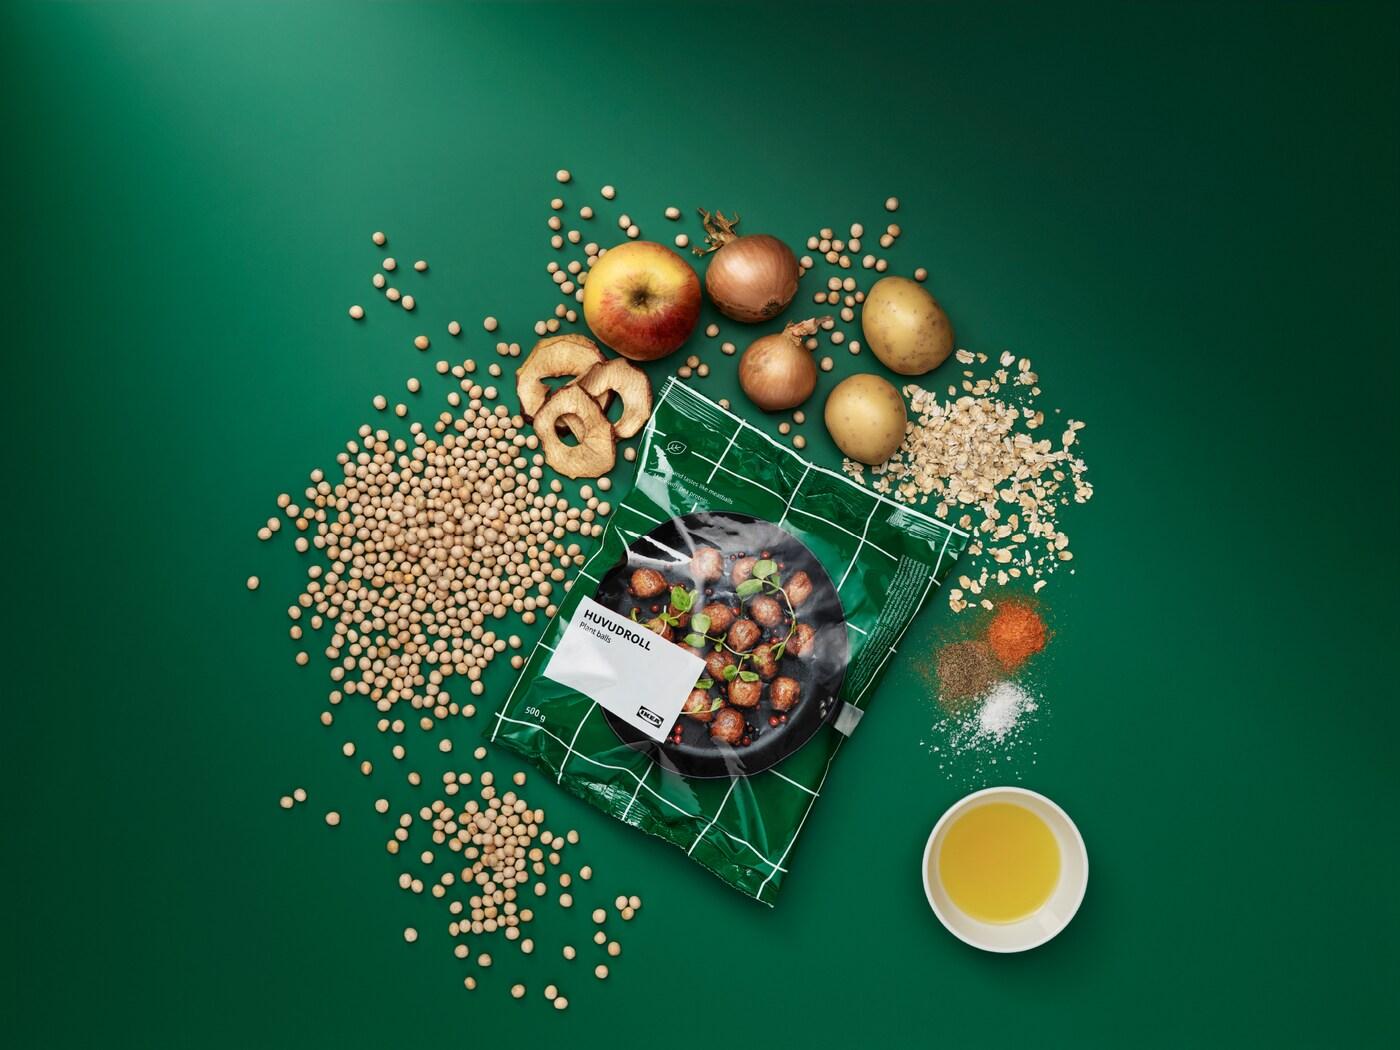 Opakowanie klopsików roślinnych HUVUDROLL otoczone przez surowe składniki: groch, owies, ziemniaki, cebule, jabłka i przyprawy.